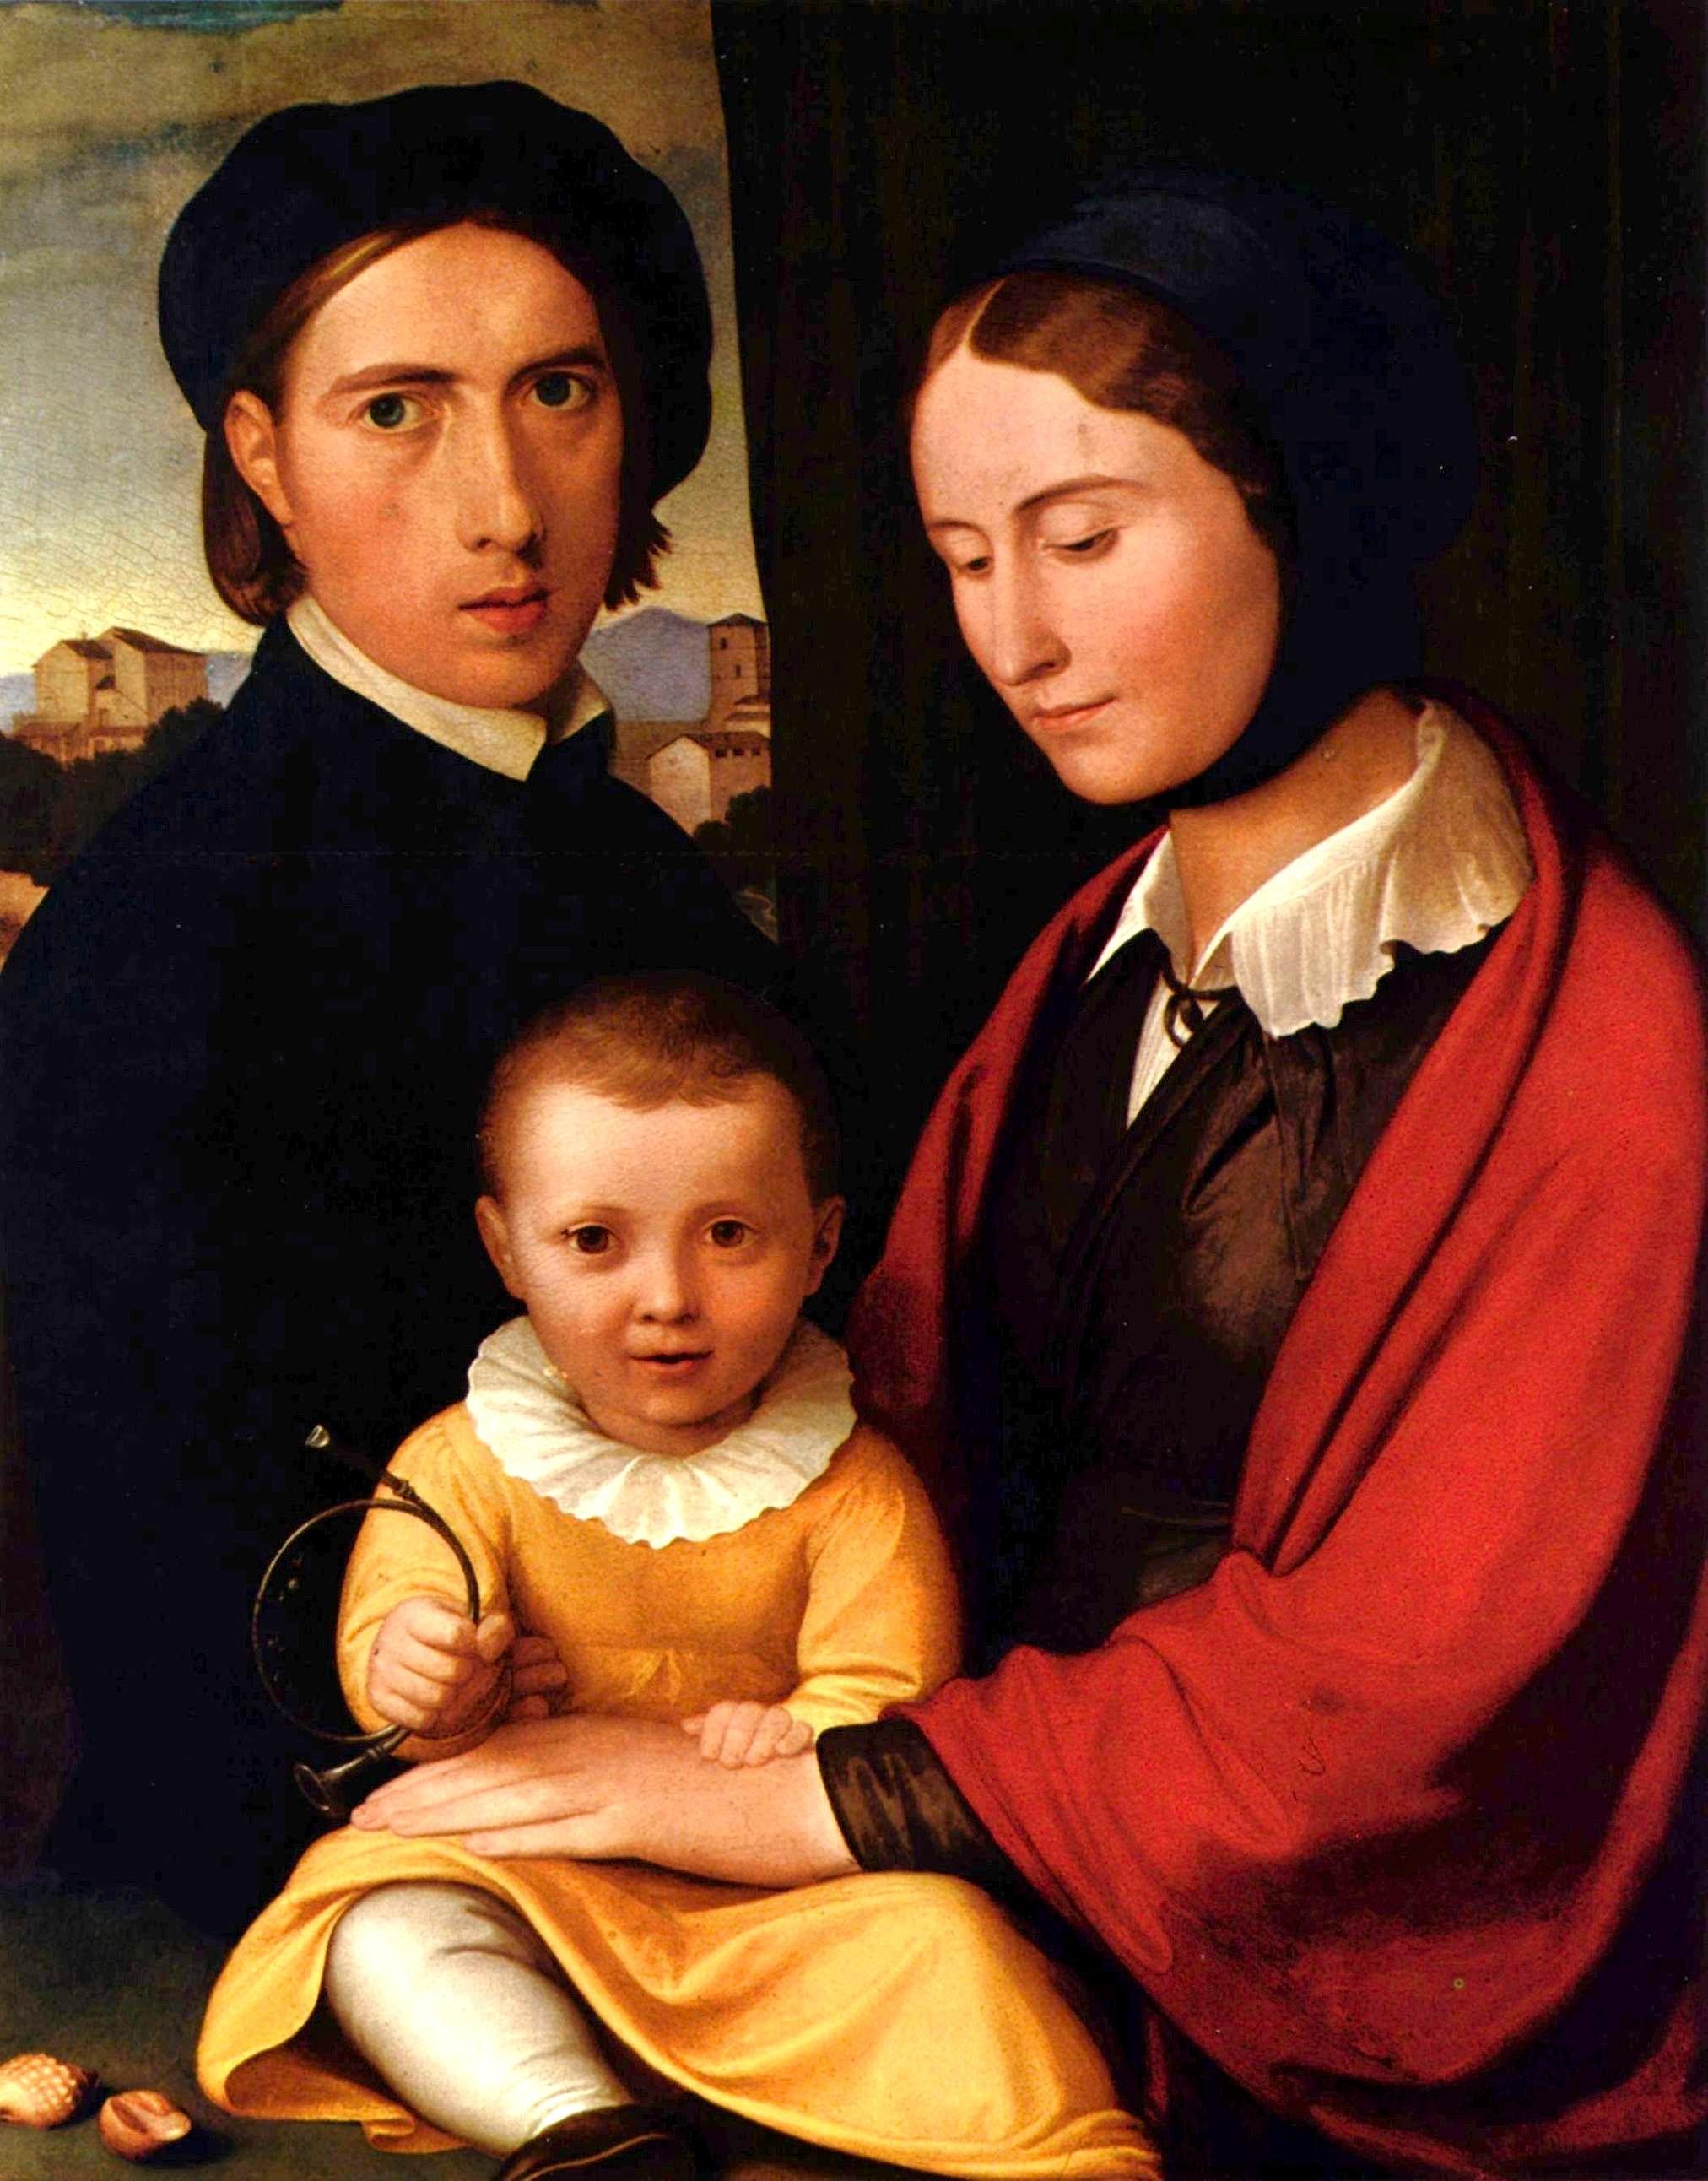 Фридрих Овербек. Автопортрет с семьей. 1820. Масло, дерево. 46х37 см. Музей Бенхаус, Любек.